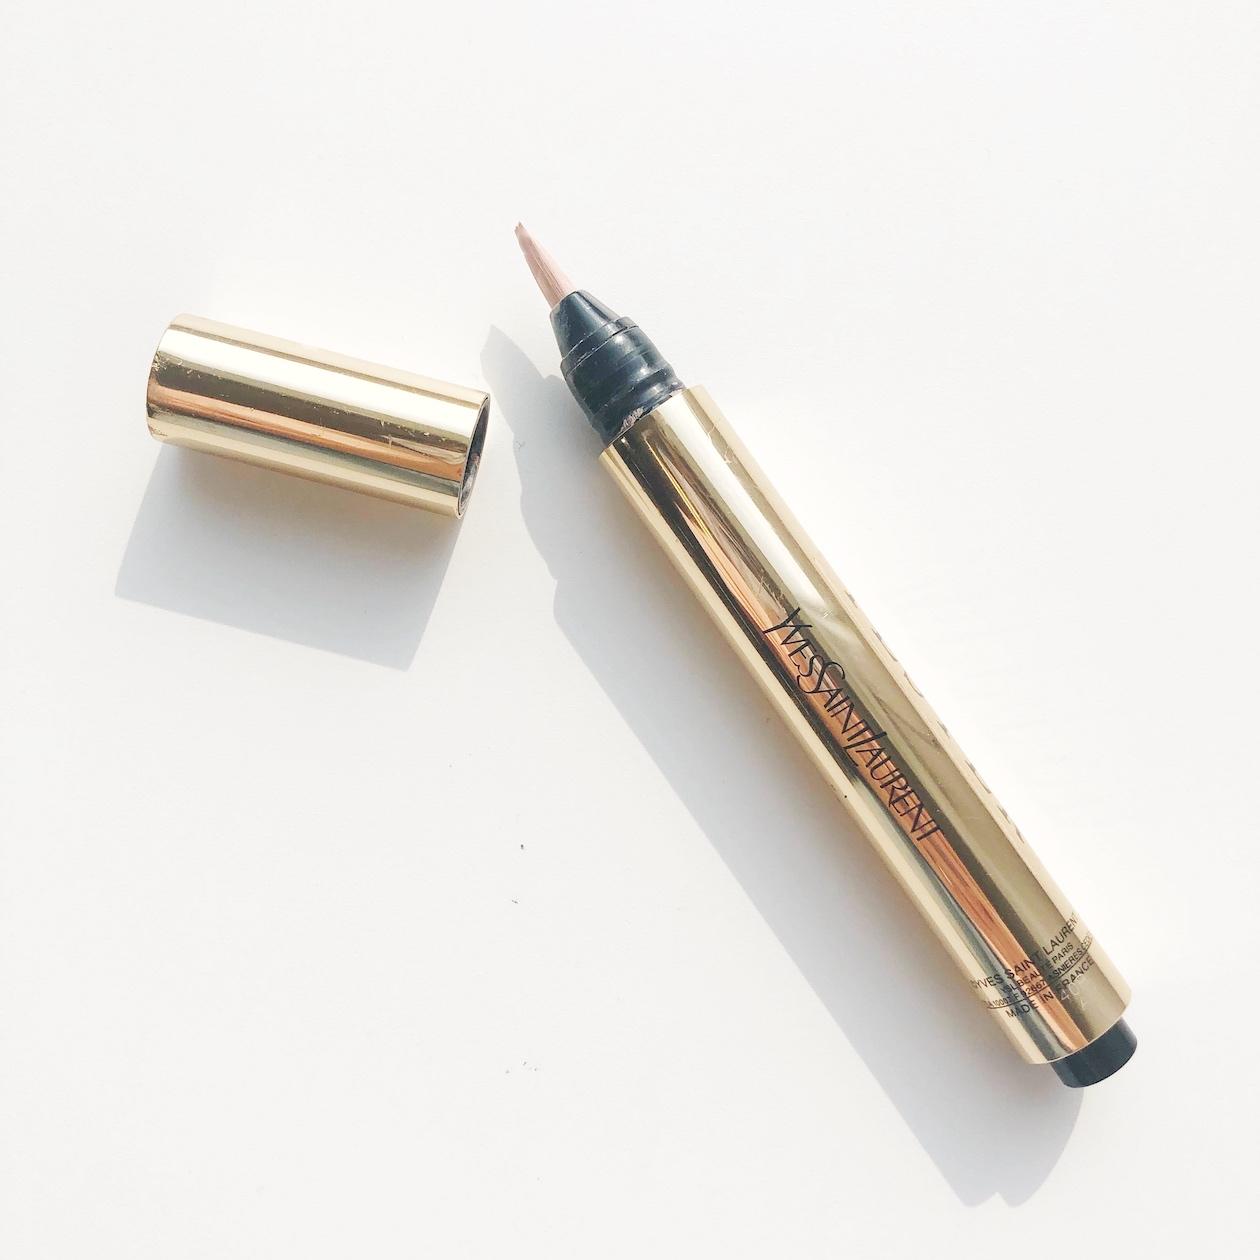 言わずと知れた名品!「魔法の筆ペン」イヴ・サンローラン ラディアントタッチはハイライト効果も抜群な万能コンシーラーに関する画像1